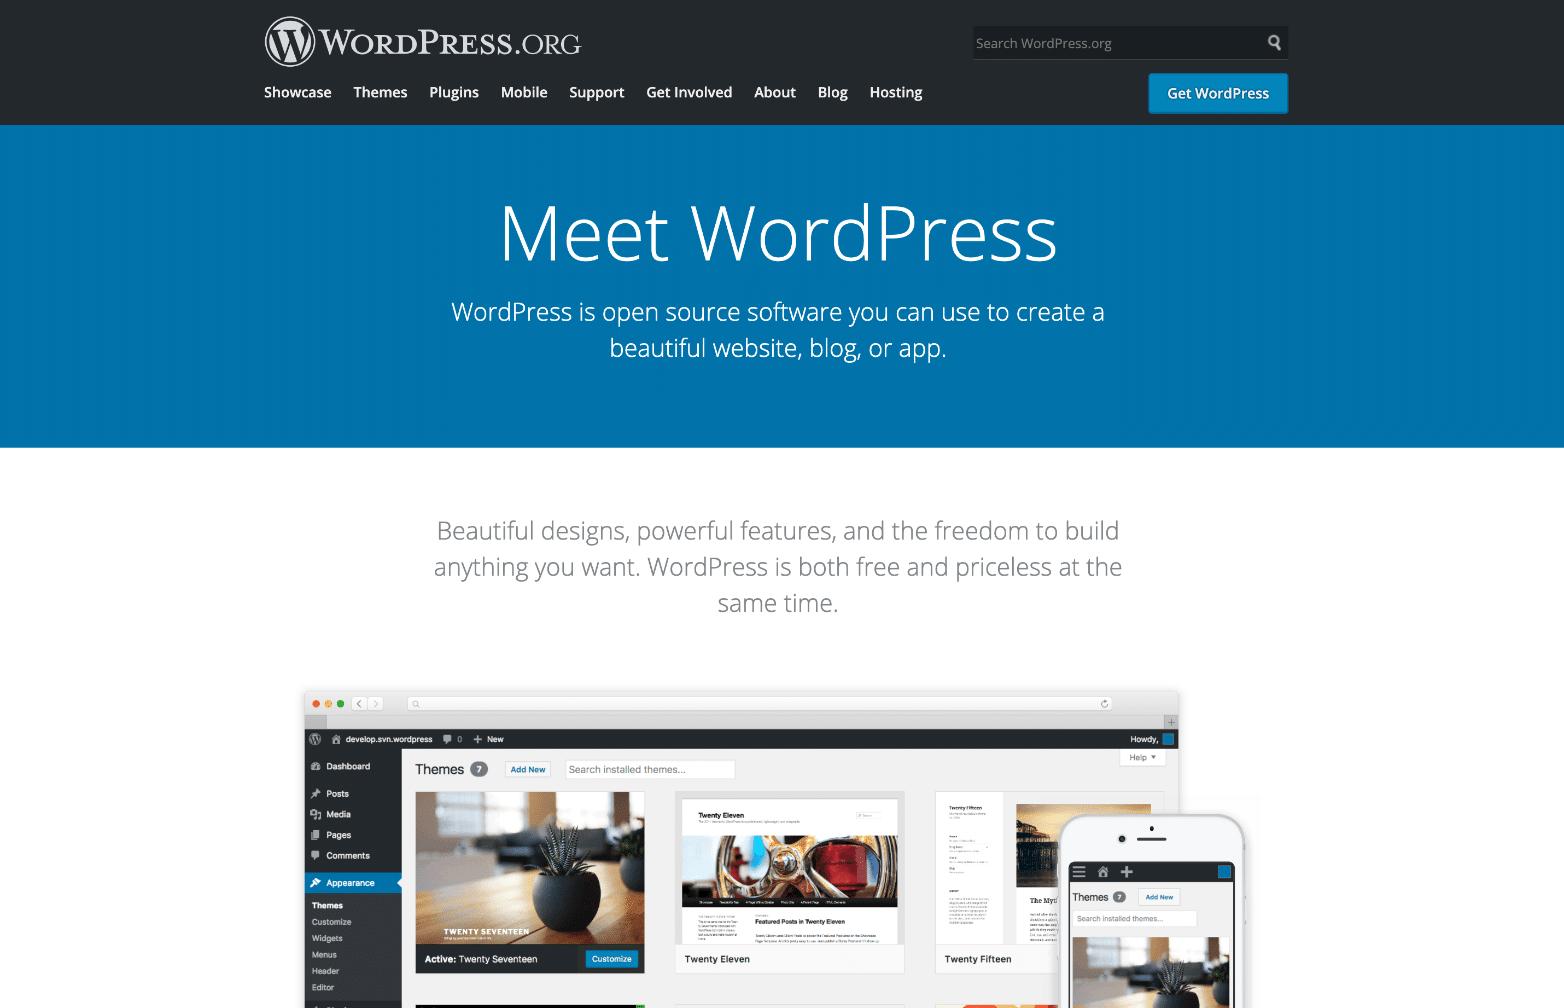 De kracht van WordPress